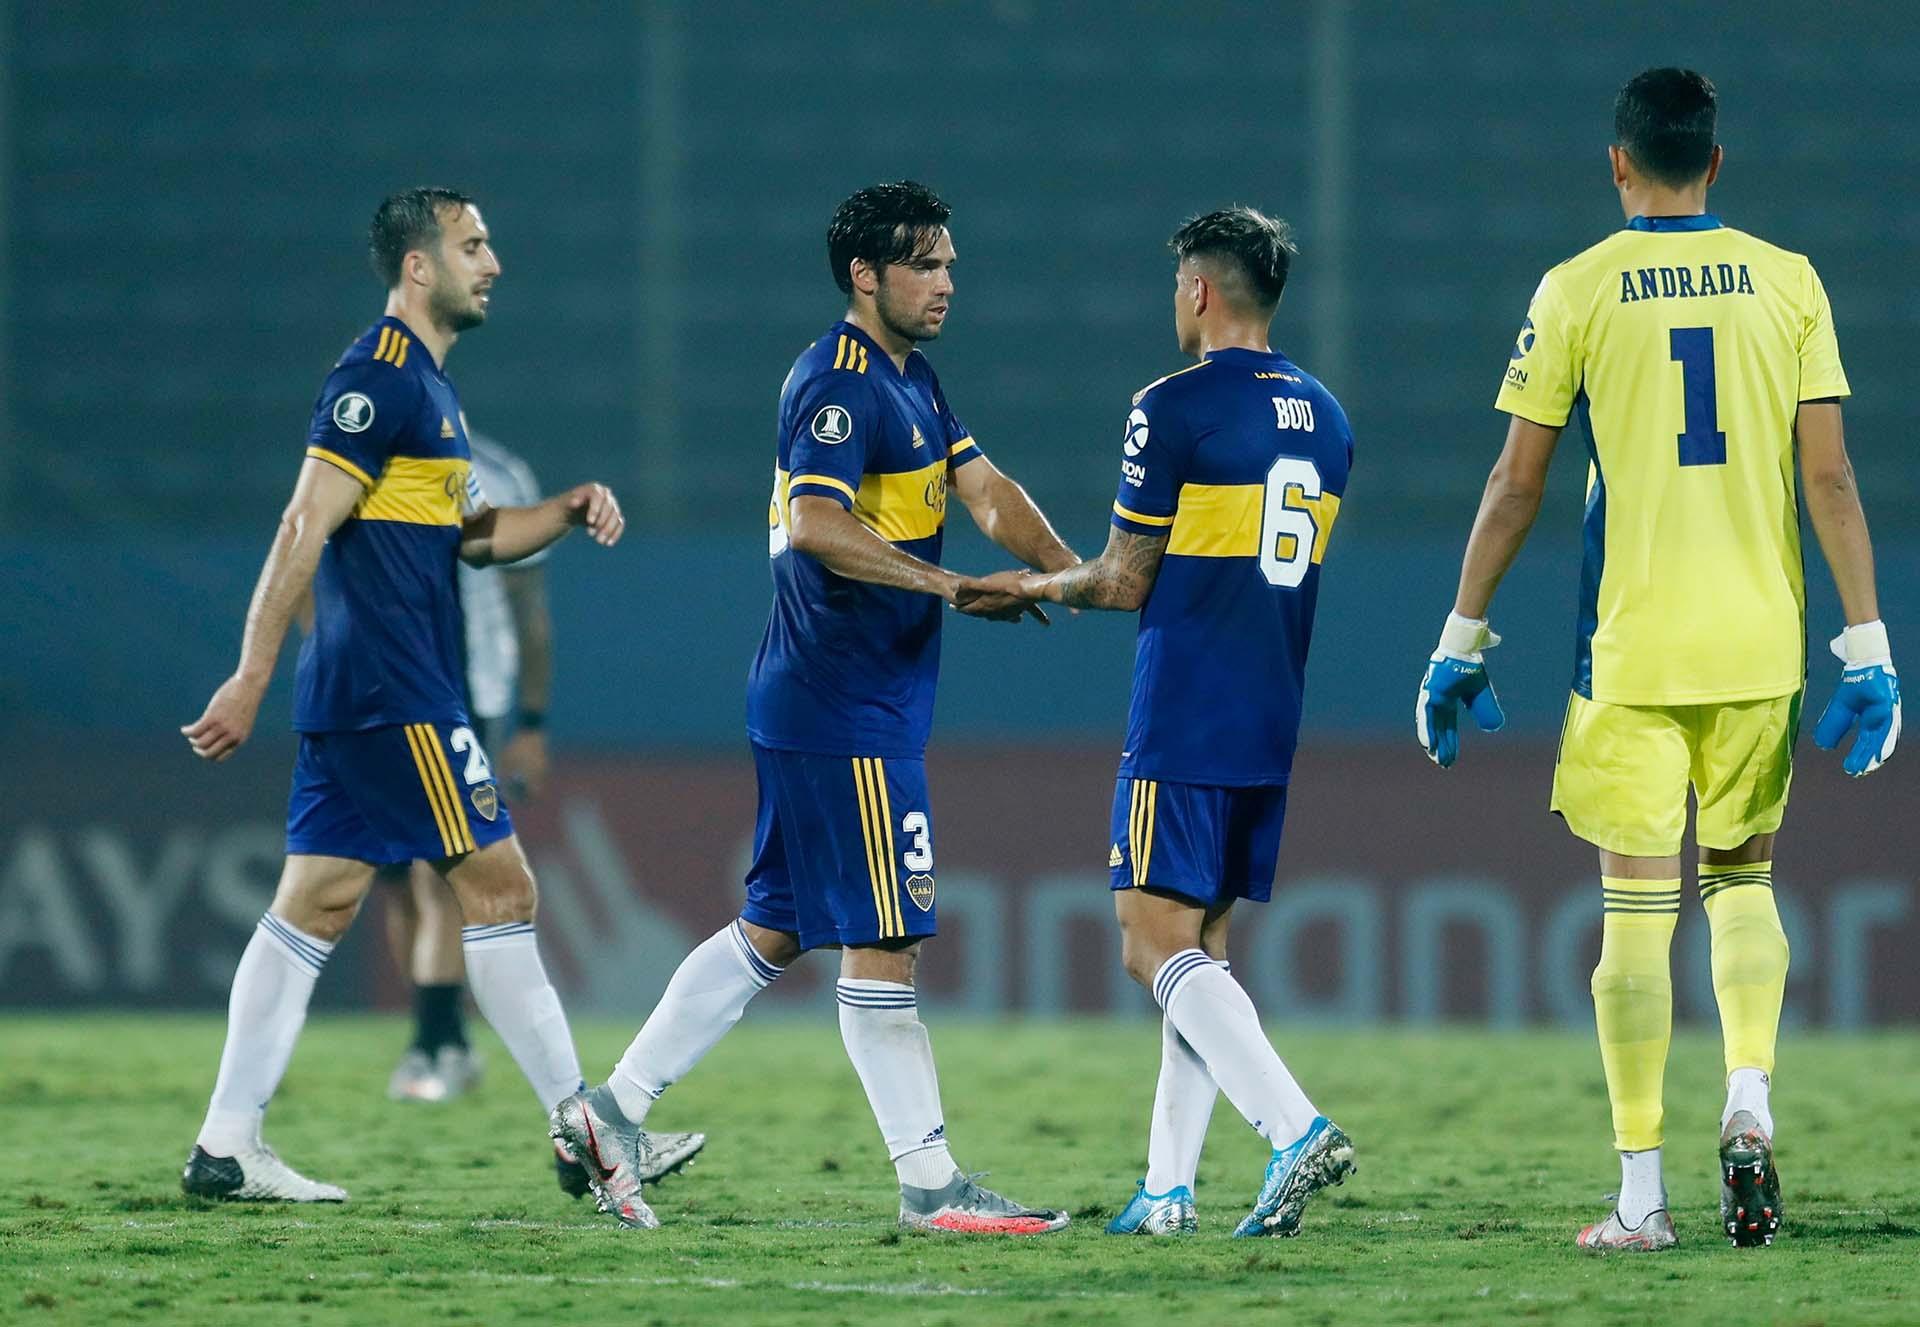 El saludo entre Mas y Bou después del gran triunfo de Boca en Asunción (REUTERS/Jorge Saenz)